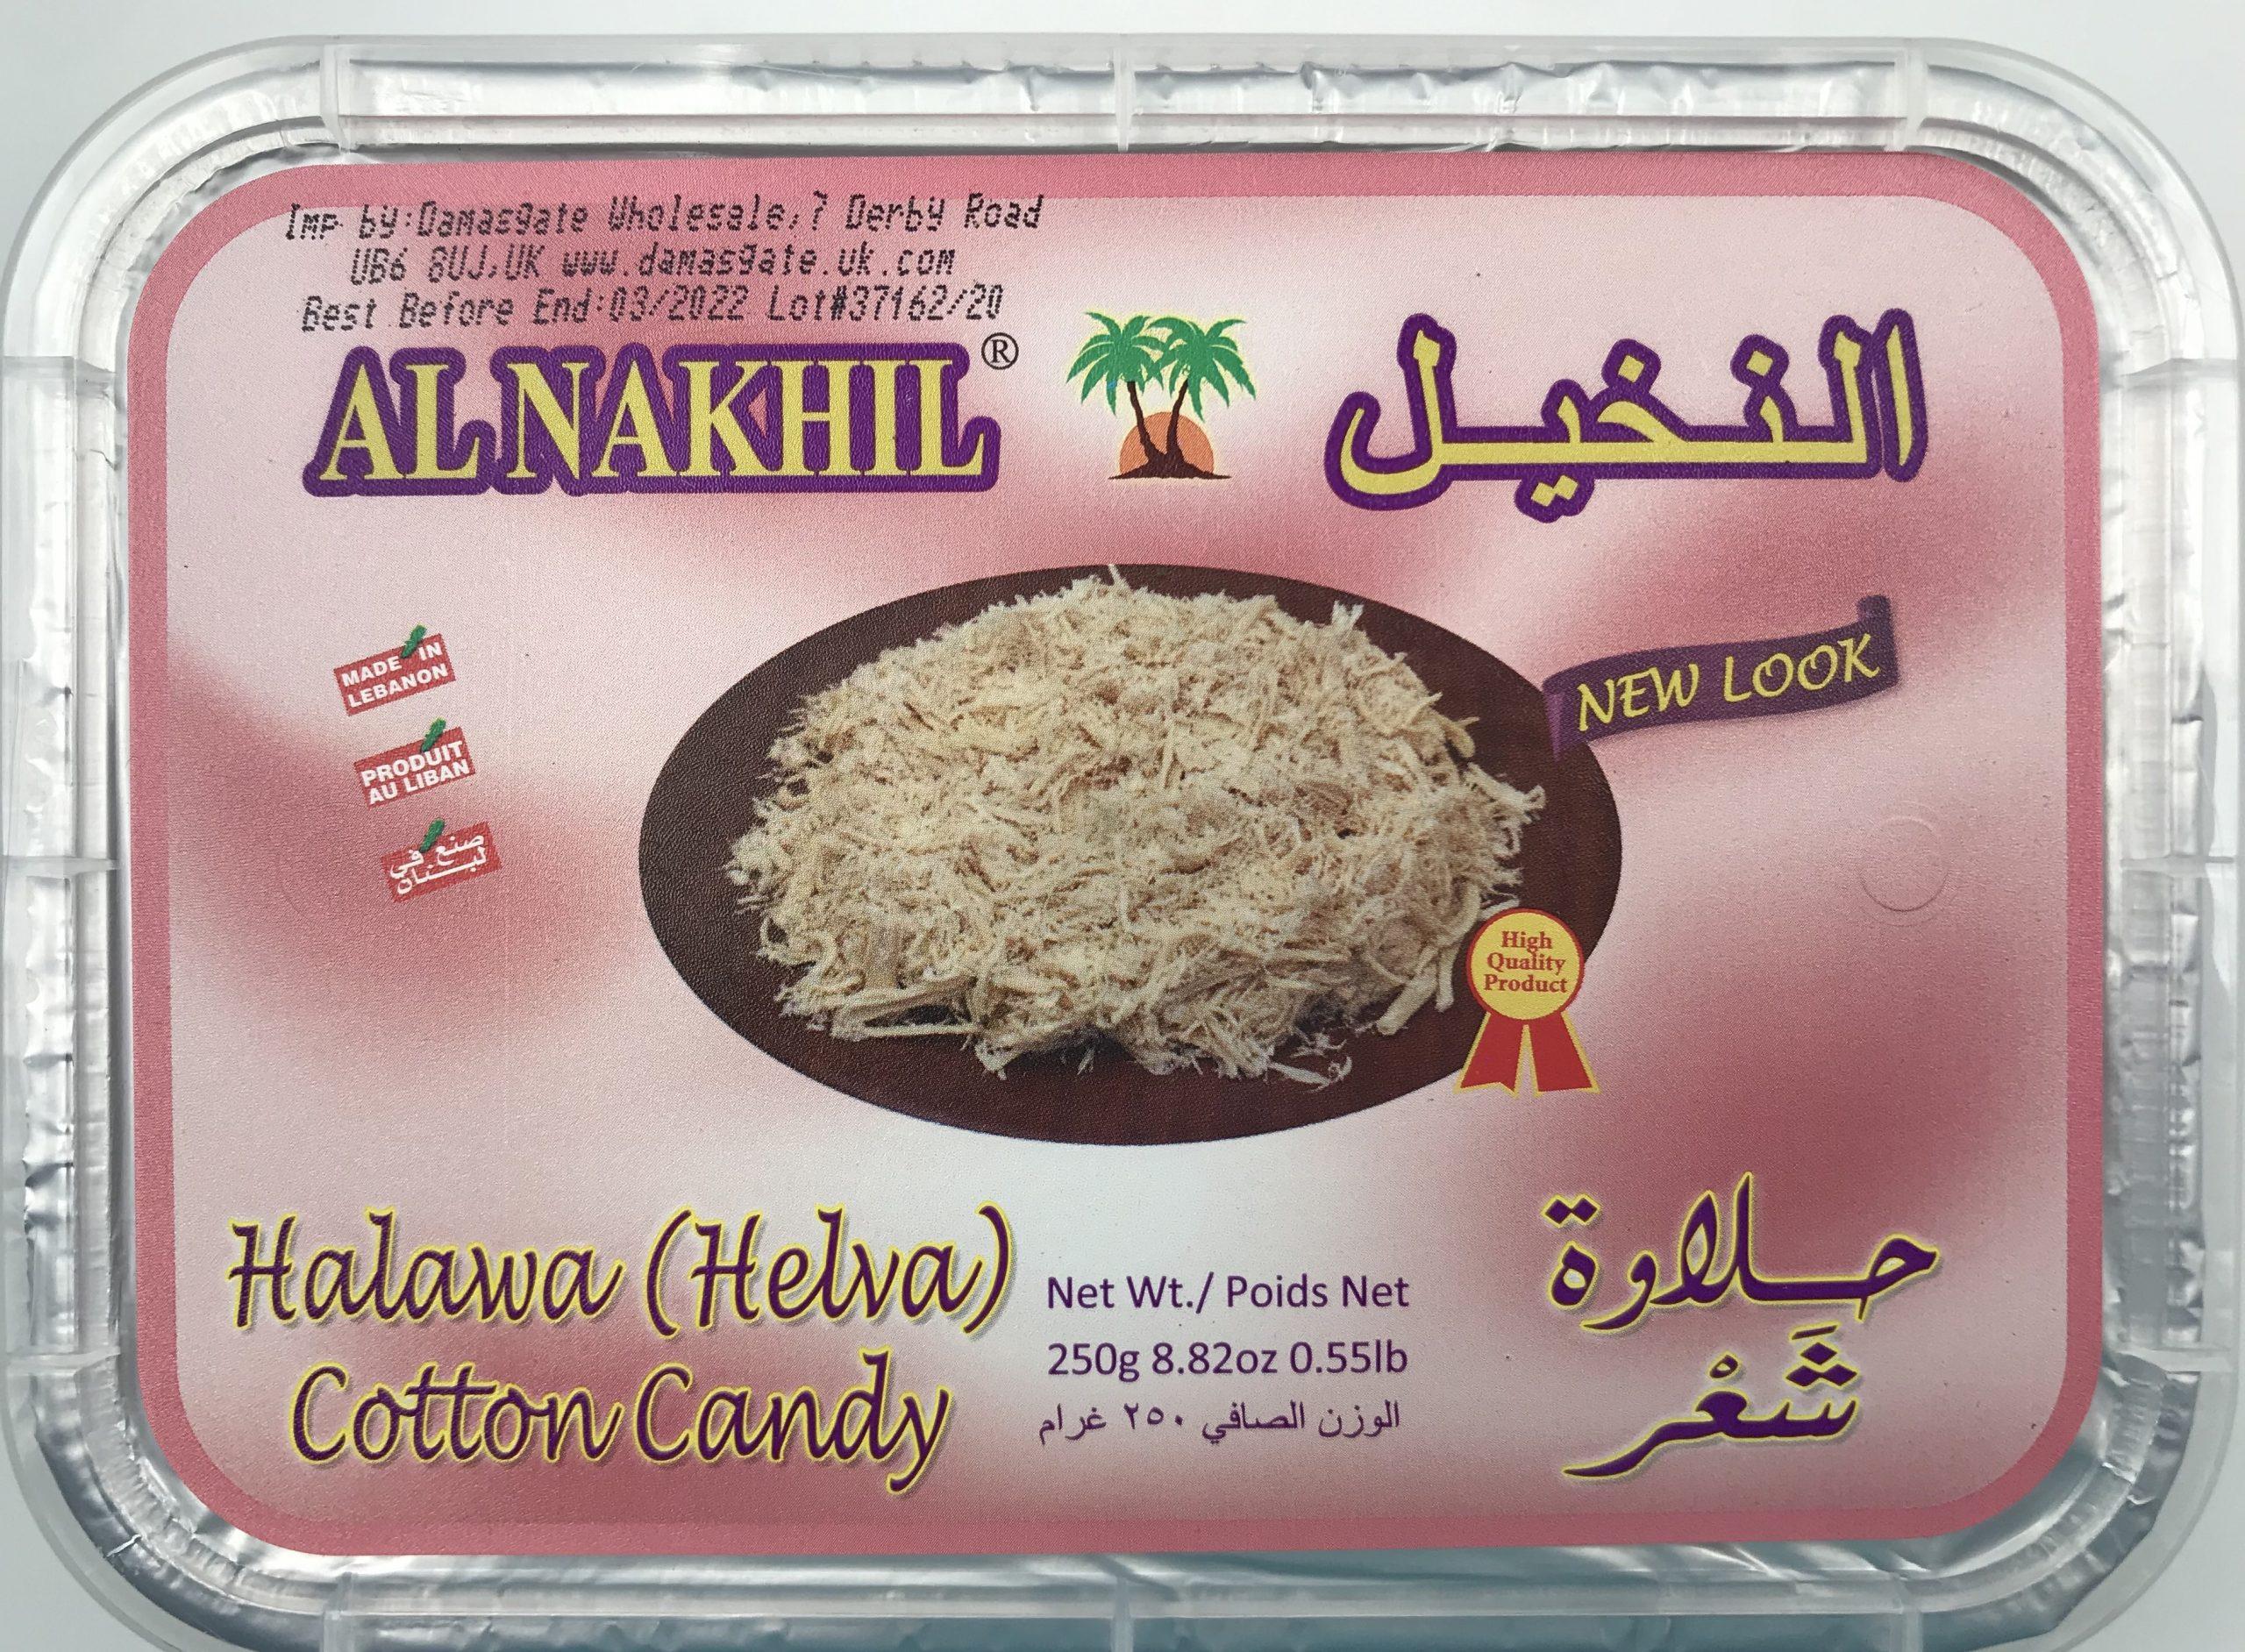 Al Nakhil halawa Cotton Candy